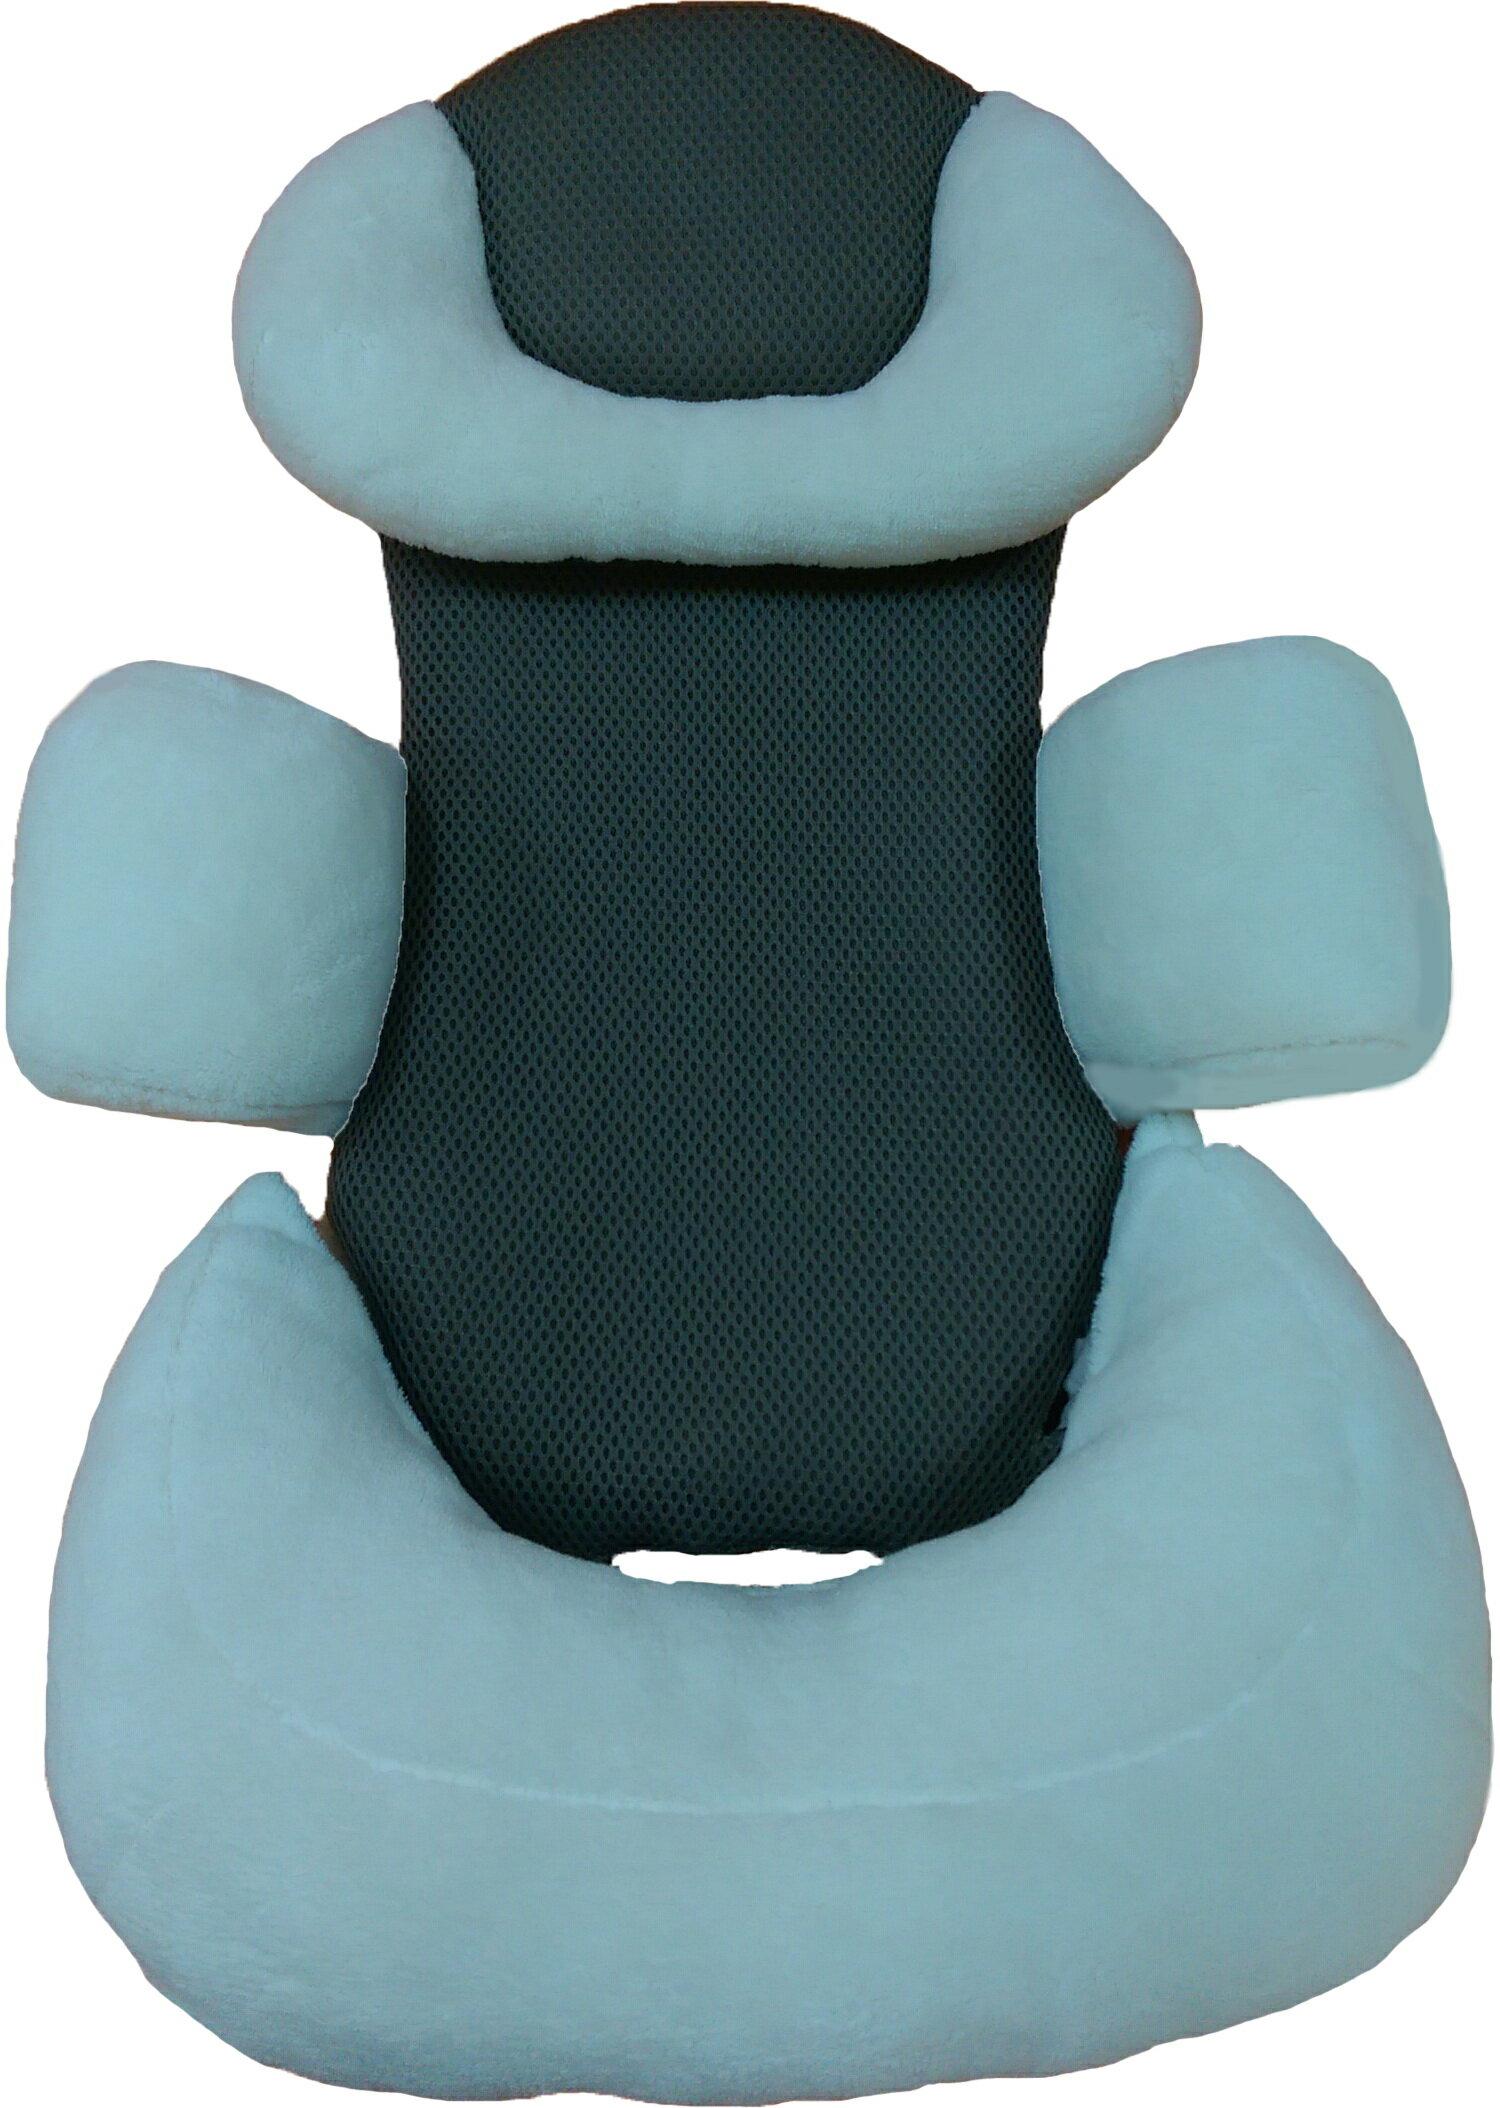 日本【Combi 康貝】Dacco Plus 新生兒懷抱墊 - 限時優惠好康折扣